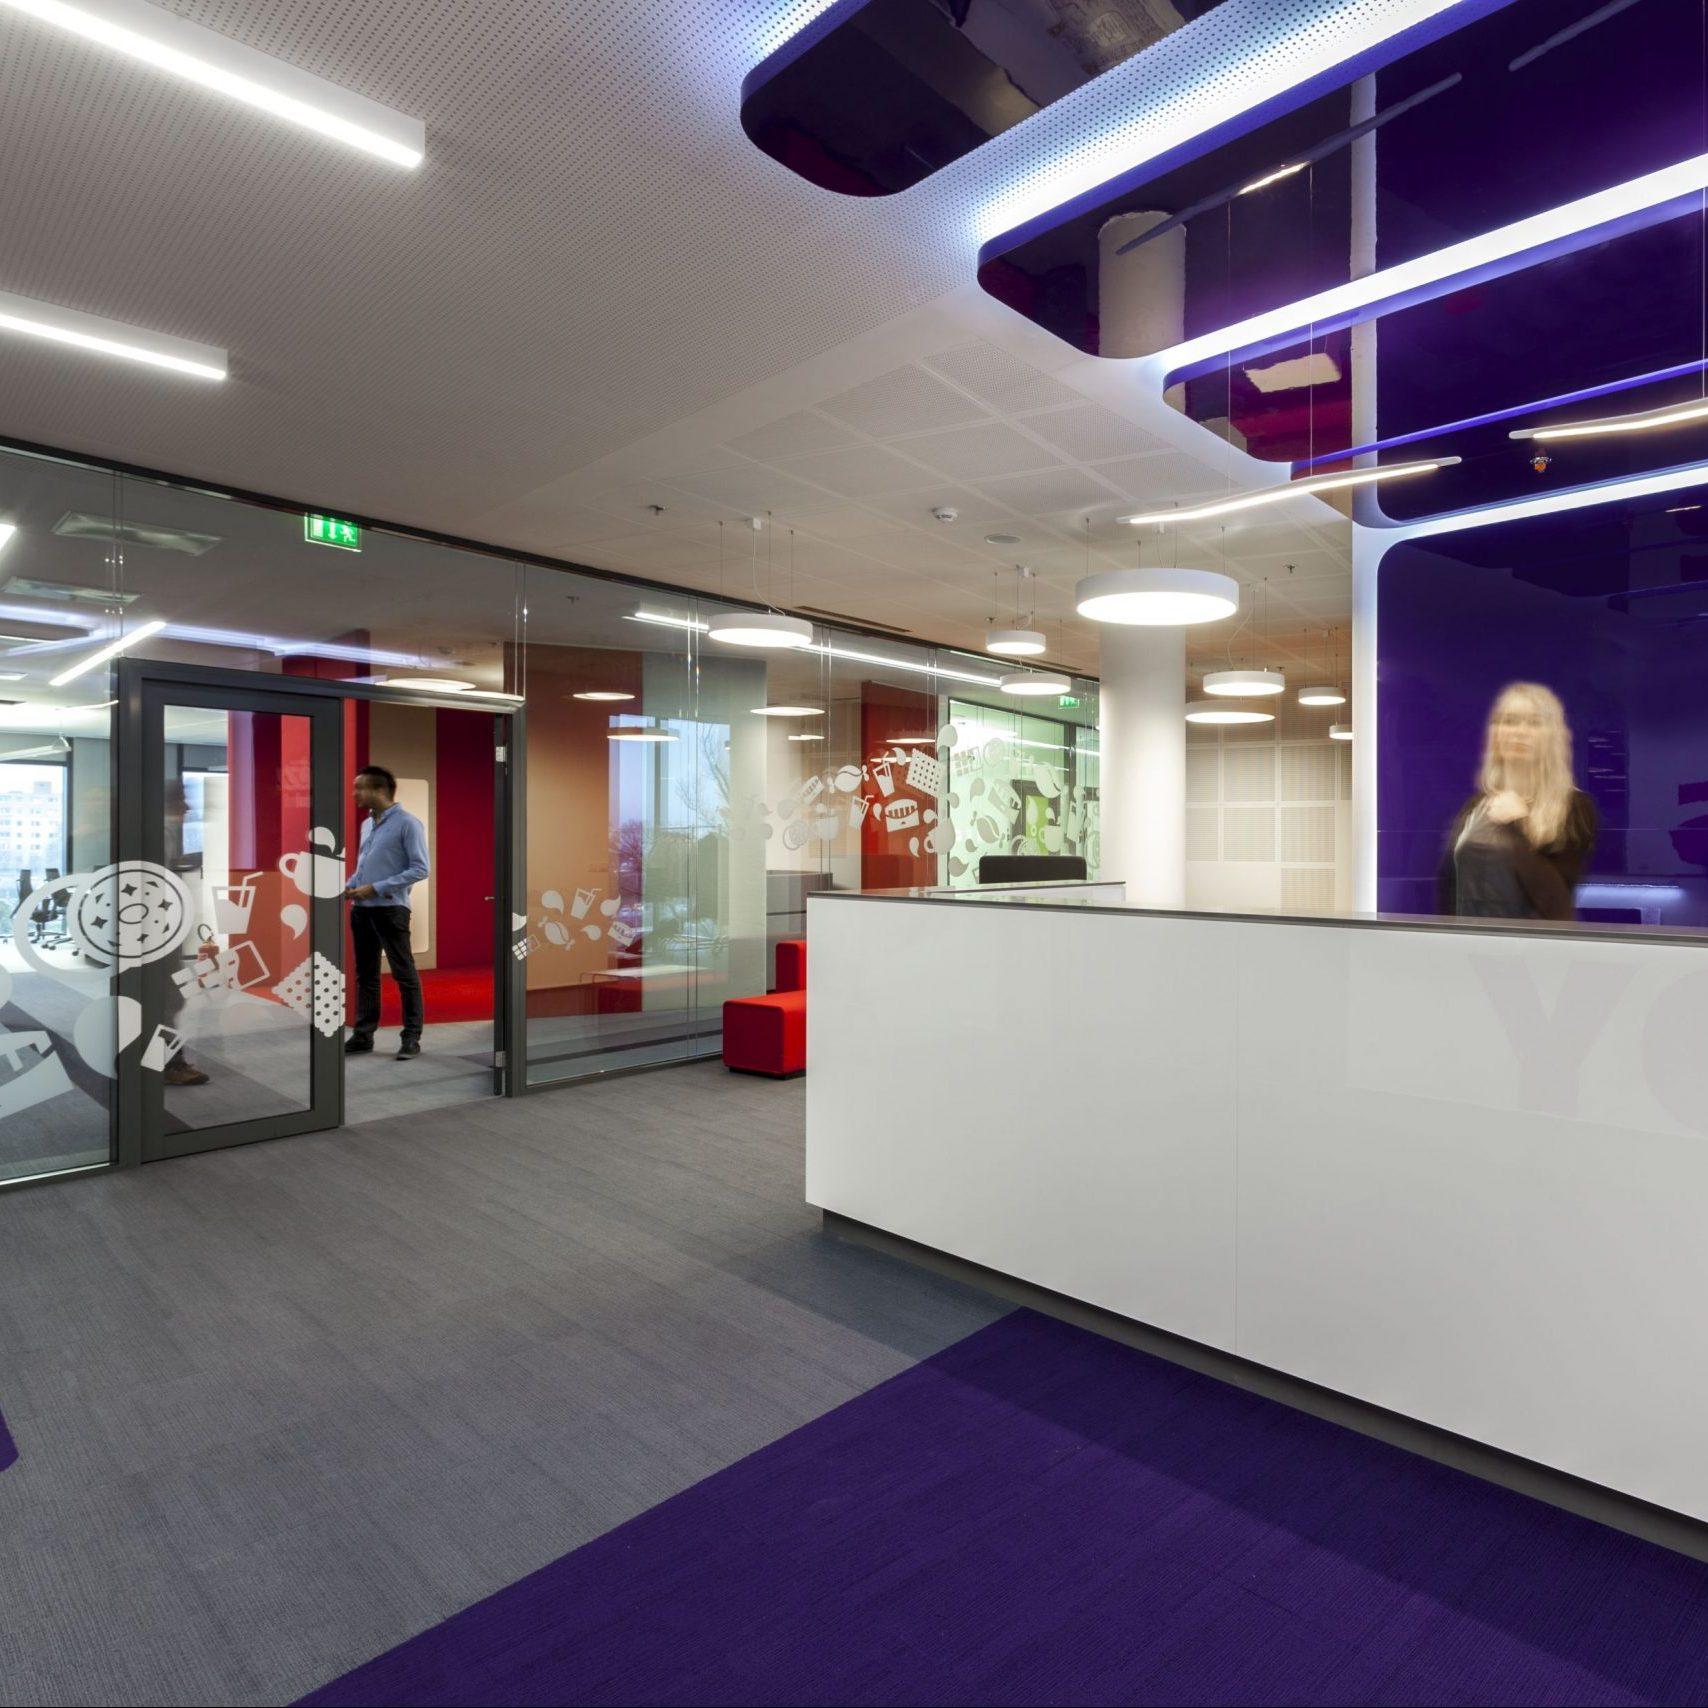 Empfangsbereich im modernen Bürogebäude